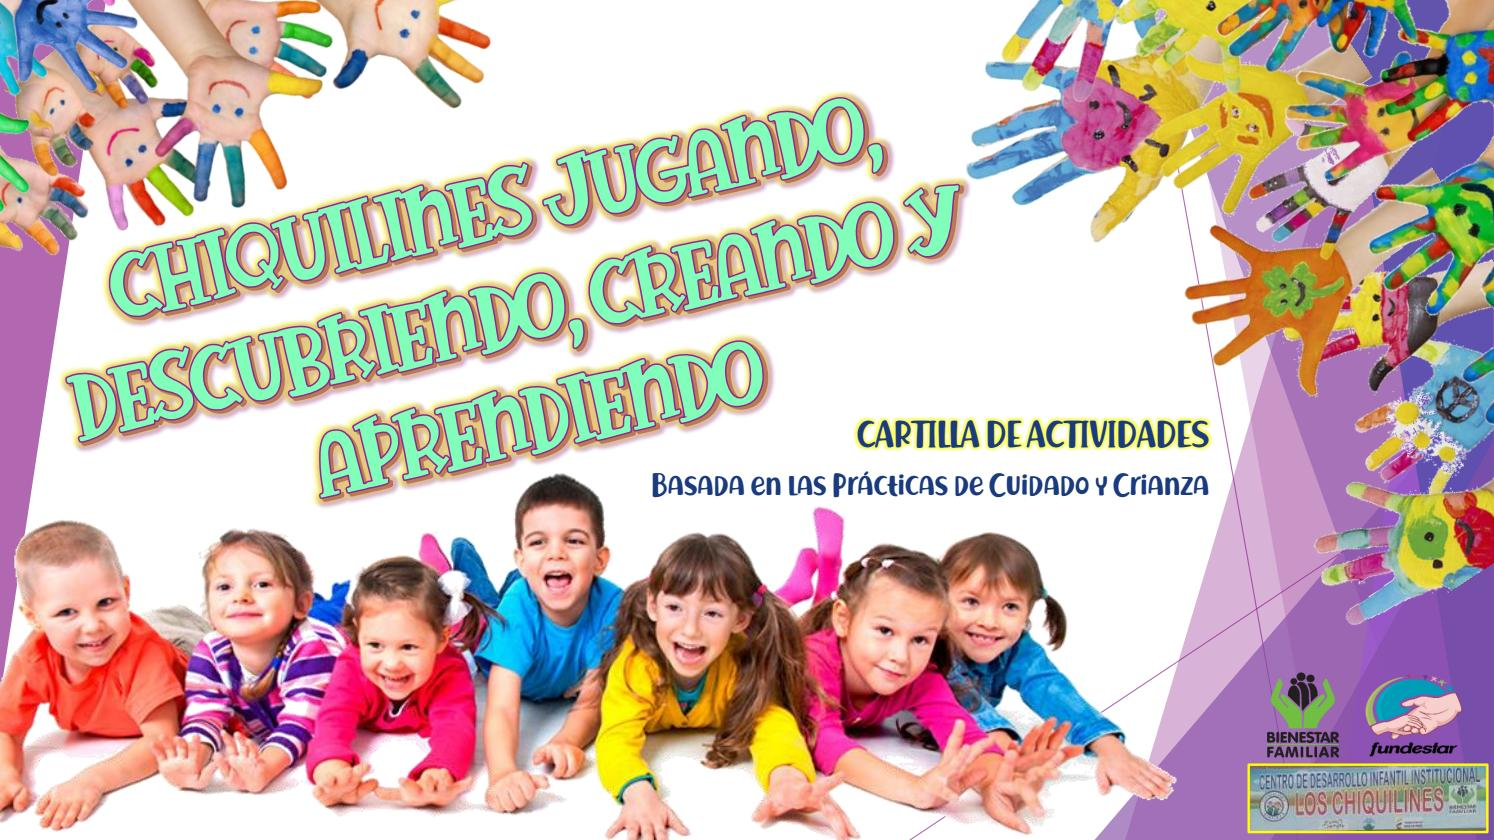 CARTILLA_CHIQUILINES JUGANDO, DESCUBRIENDO, CREANDO Y APRENDIENDO by  elianamoralesr - issuu